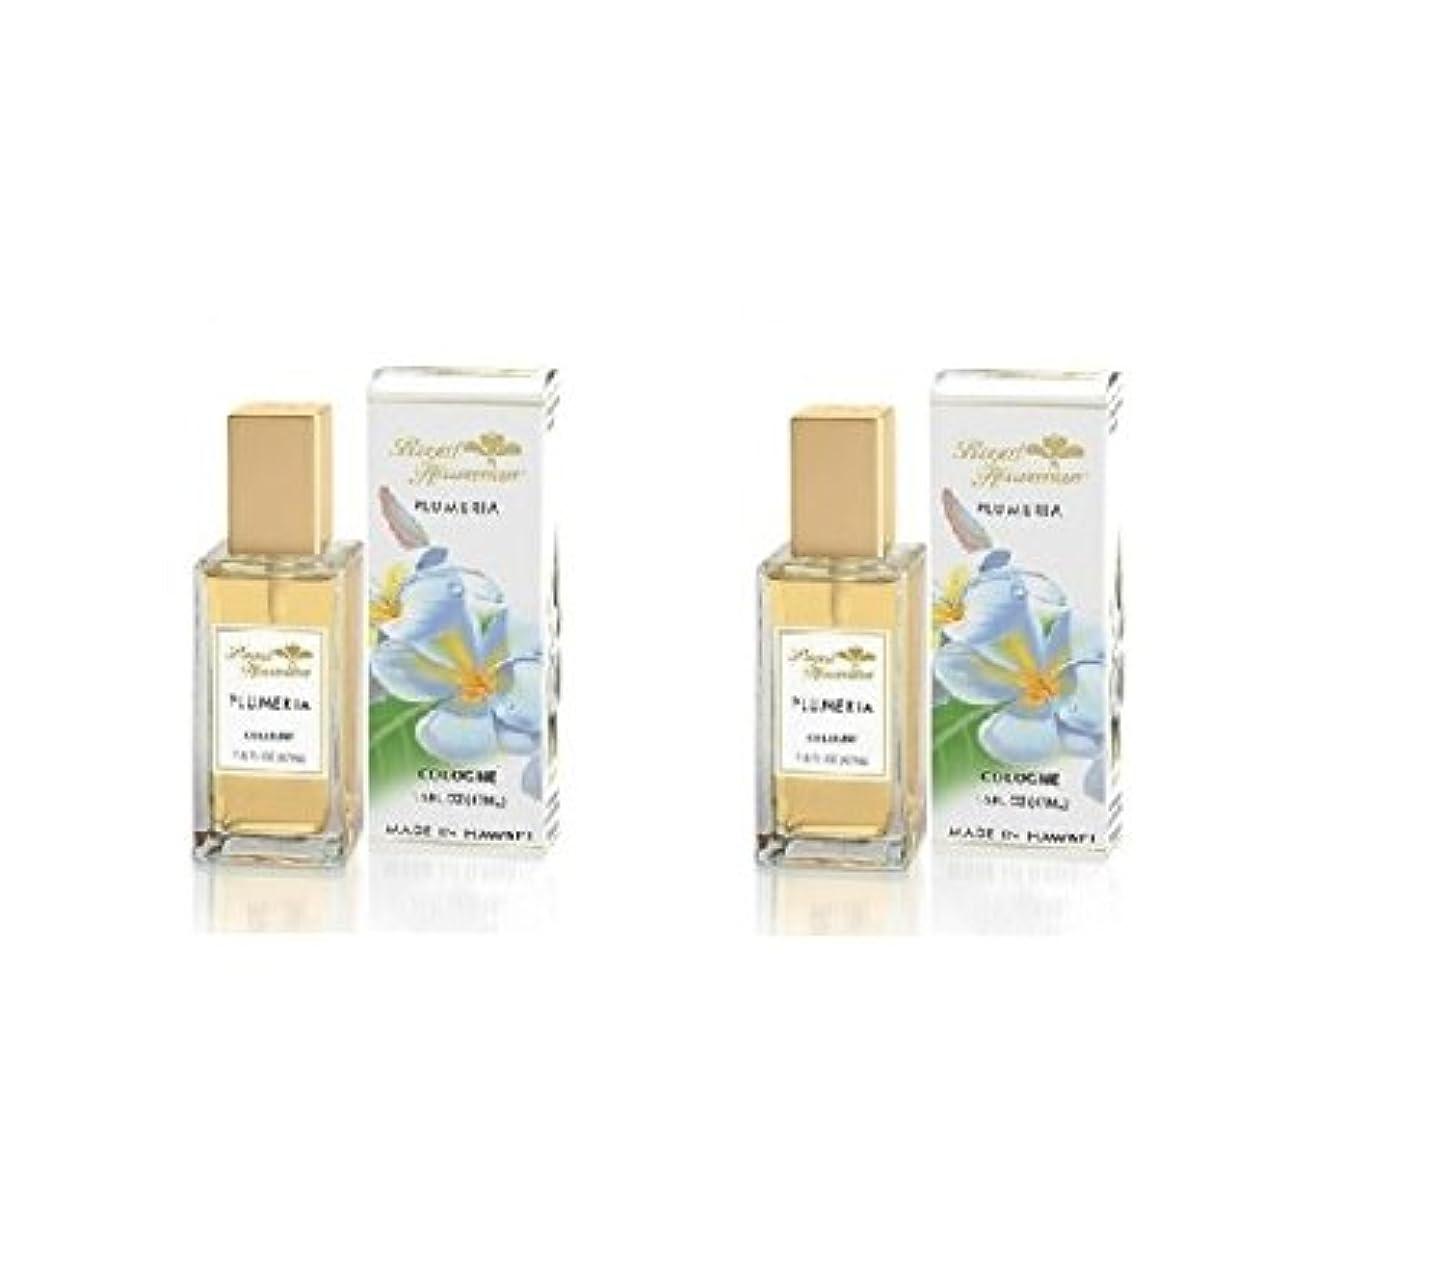 盟主パラメータ海峡〈海外直送品〉ロイヤルハワイアン プルメリア香水(コロン)2本 ギフトラップ